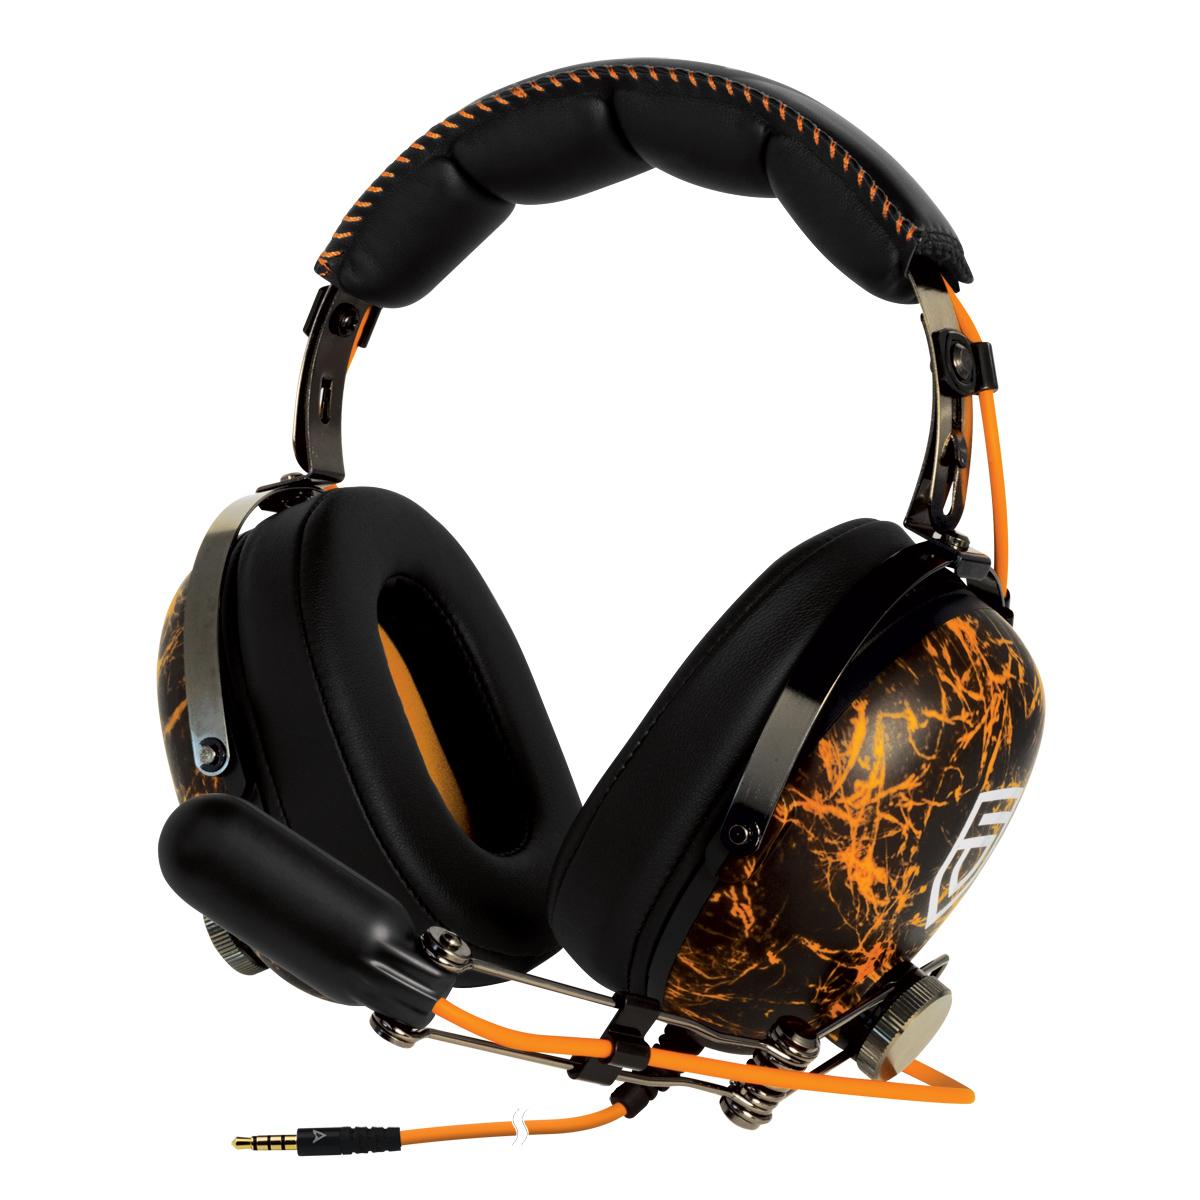 ARCTIC P533 PENTA Stereo Gaming Headset